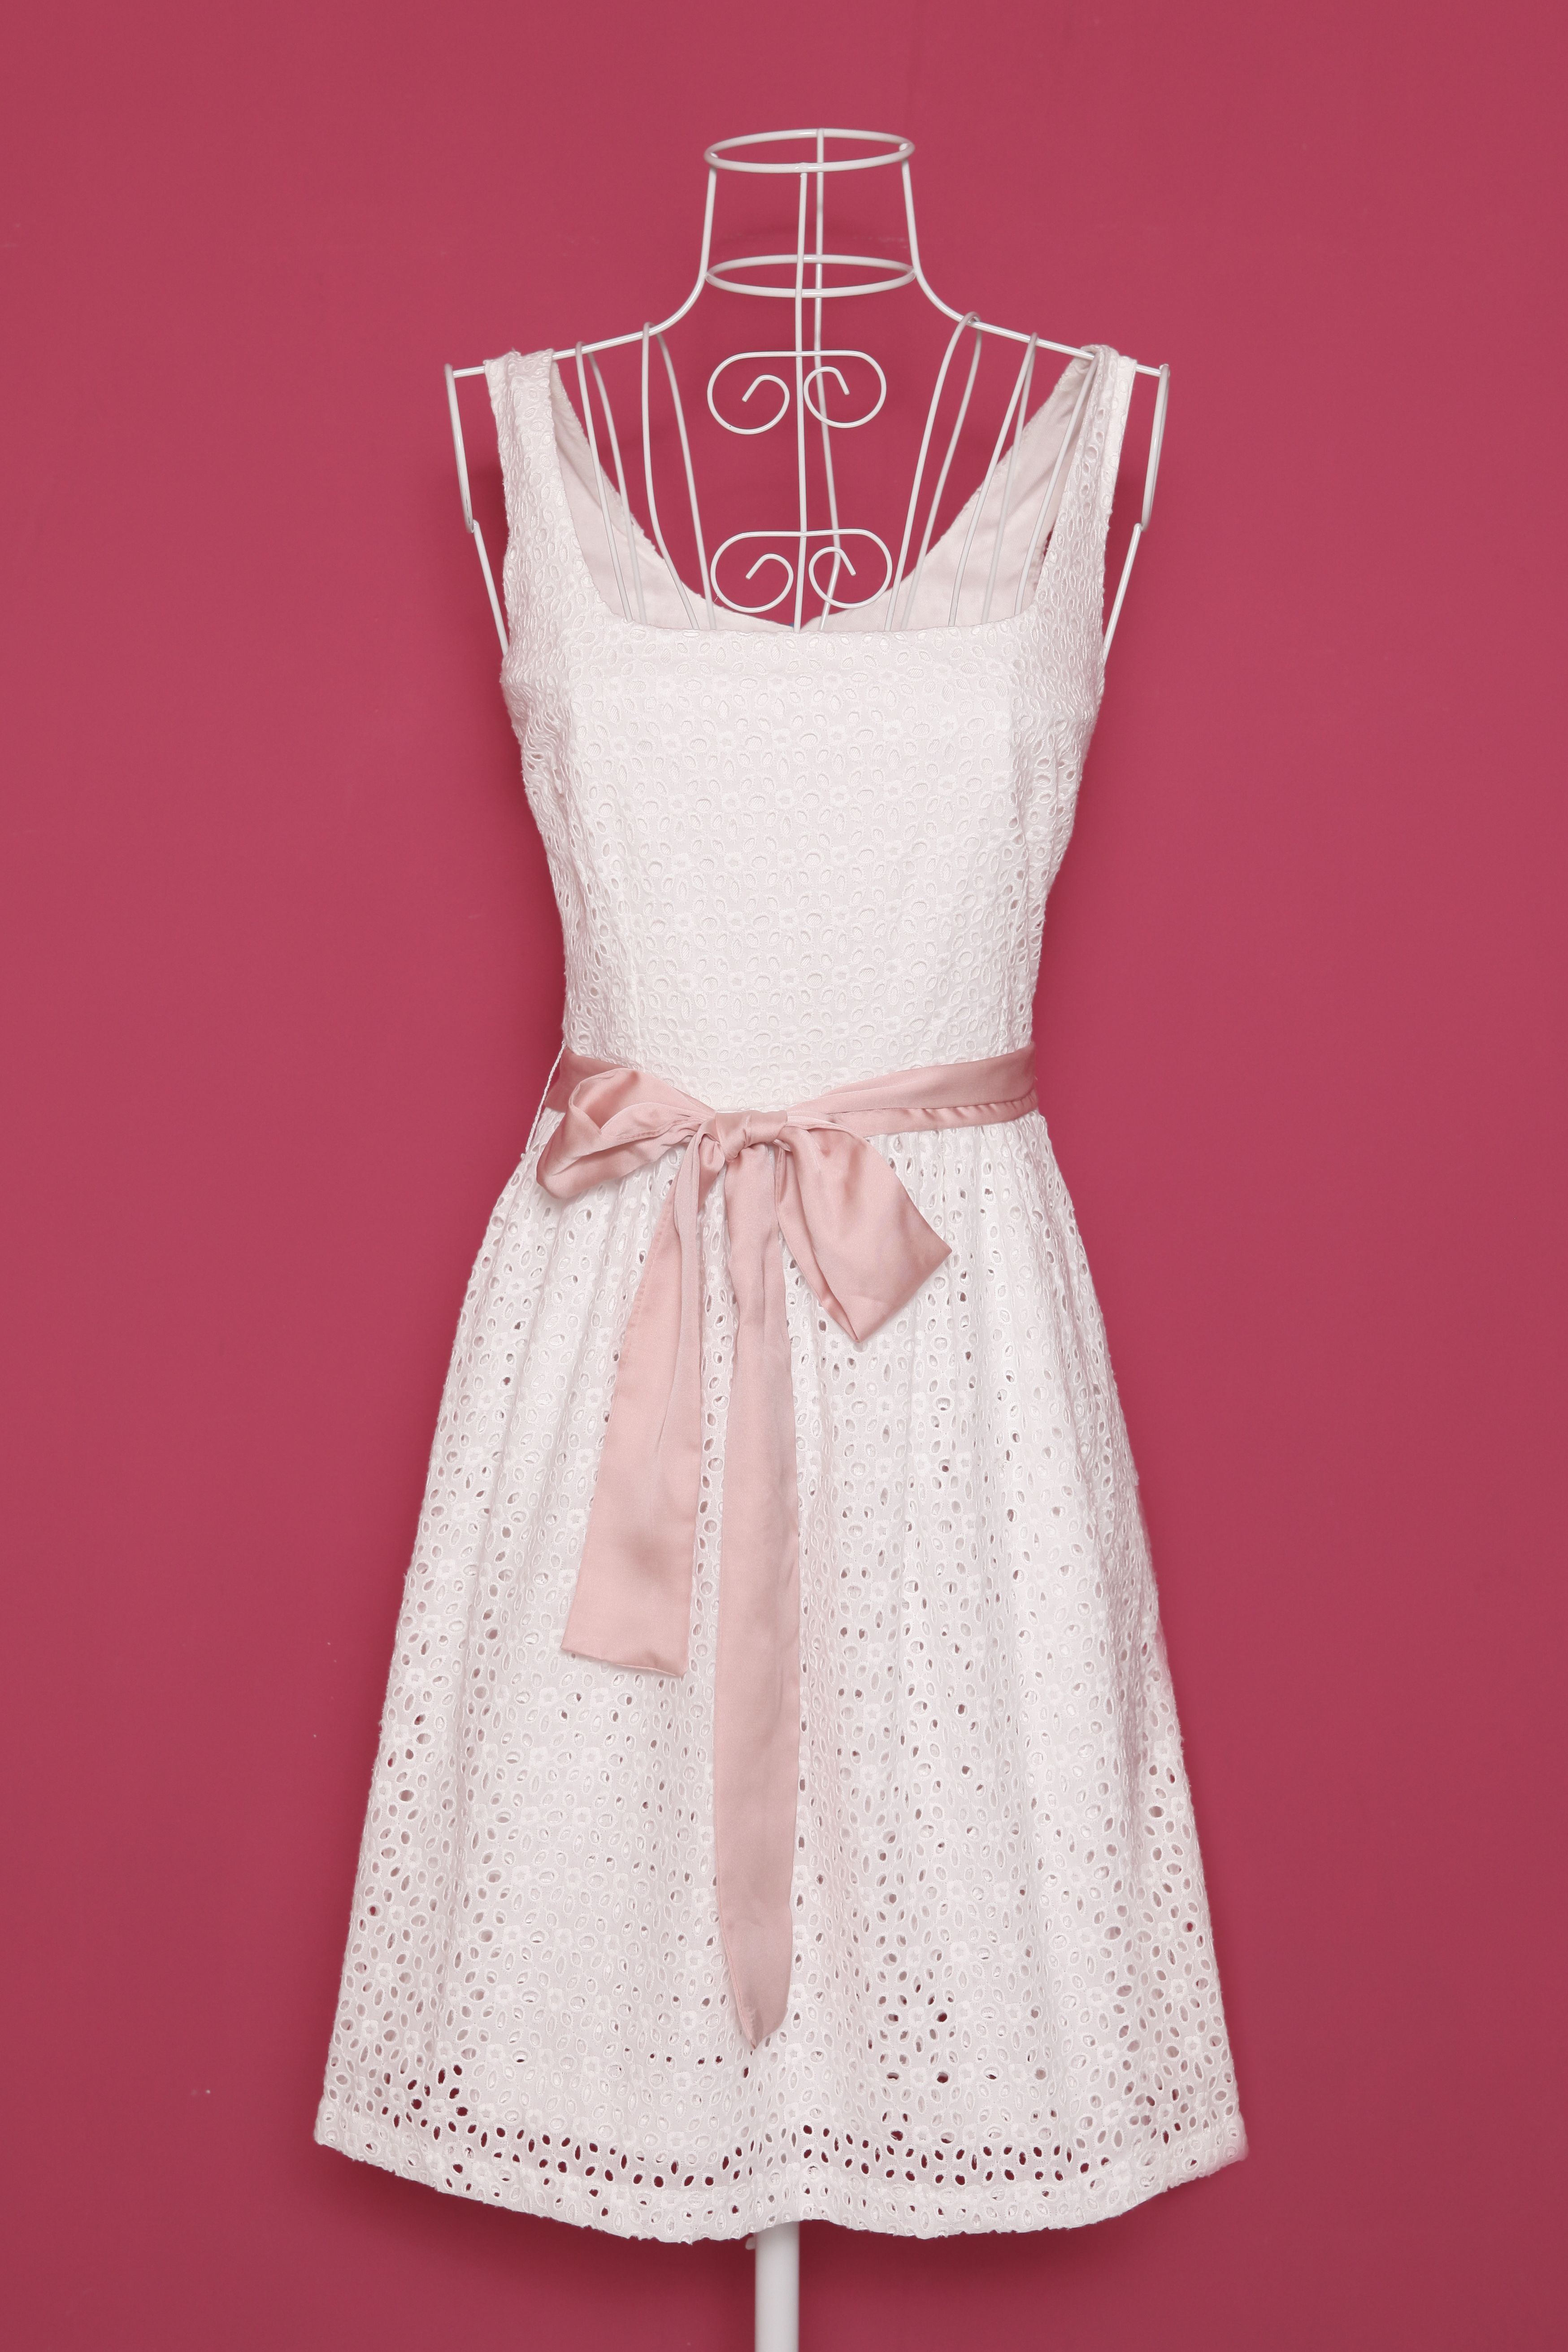 Vestido blanco con lazo nude. | Que mona que estaria | Pinterest ...